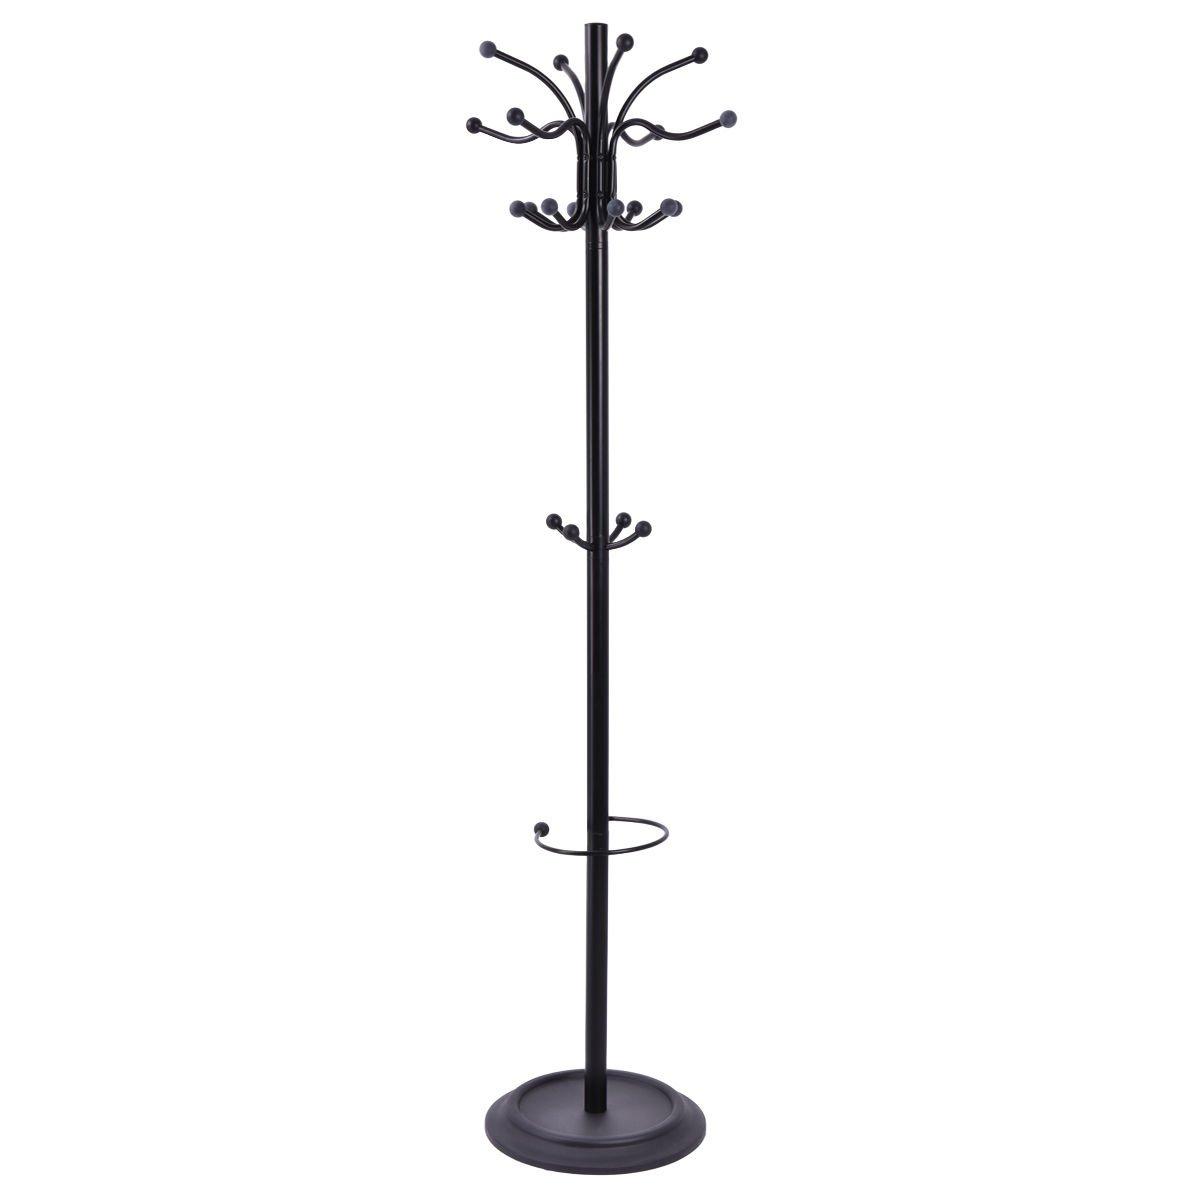 Four Levels Utility Hanger Tree Steel Coat Hanger Free Standing Rack Holder